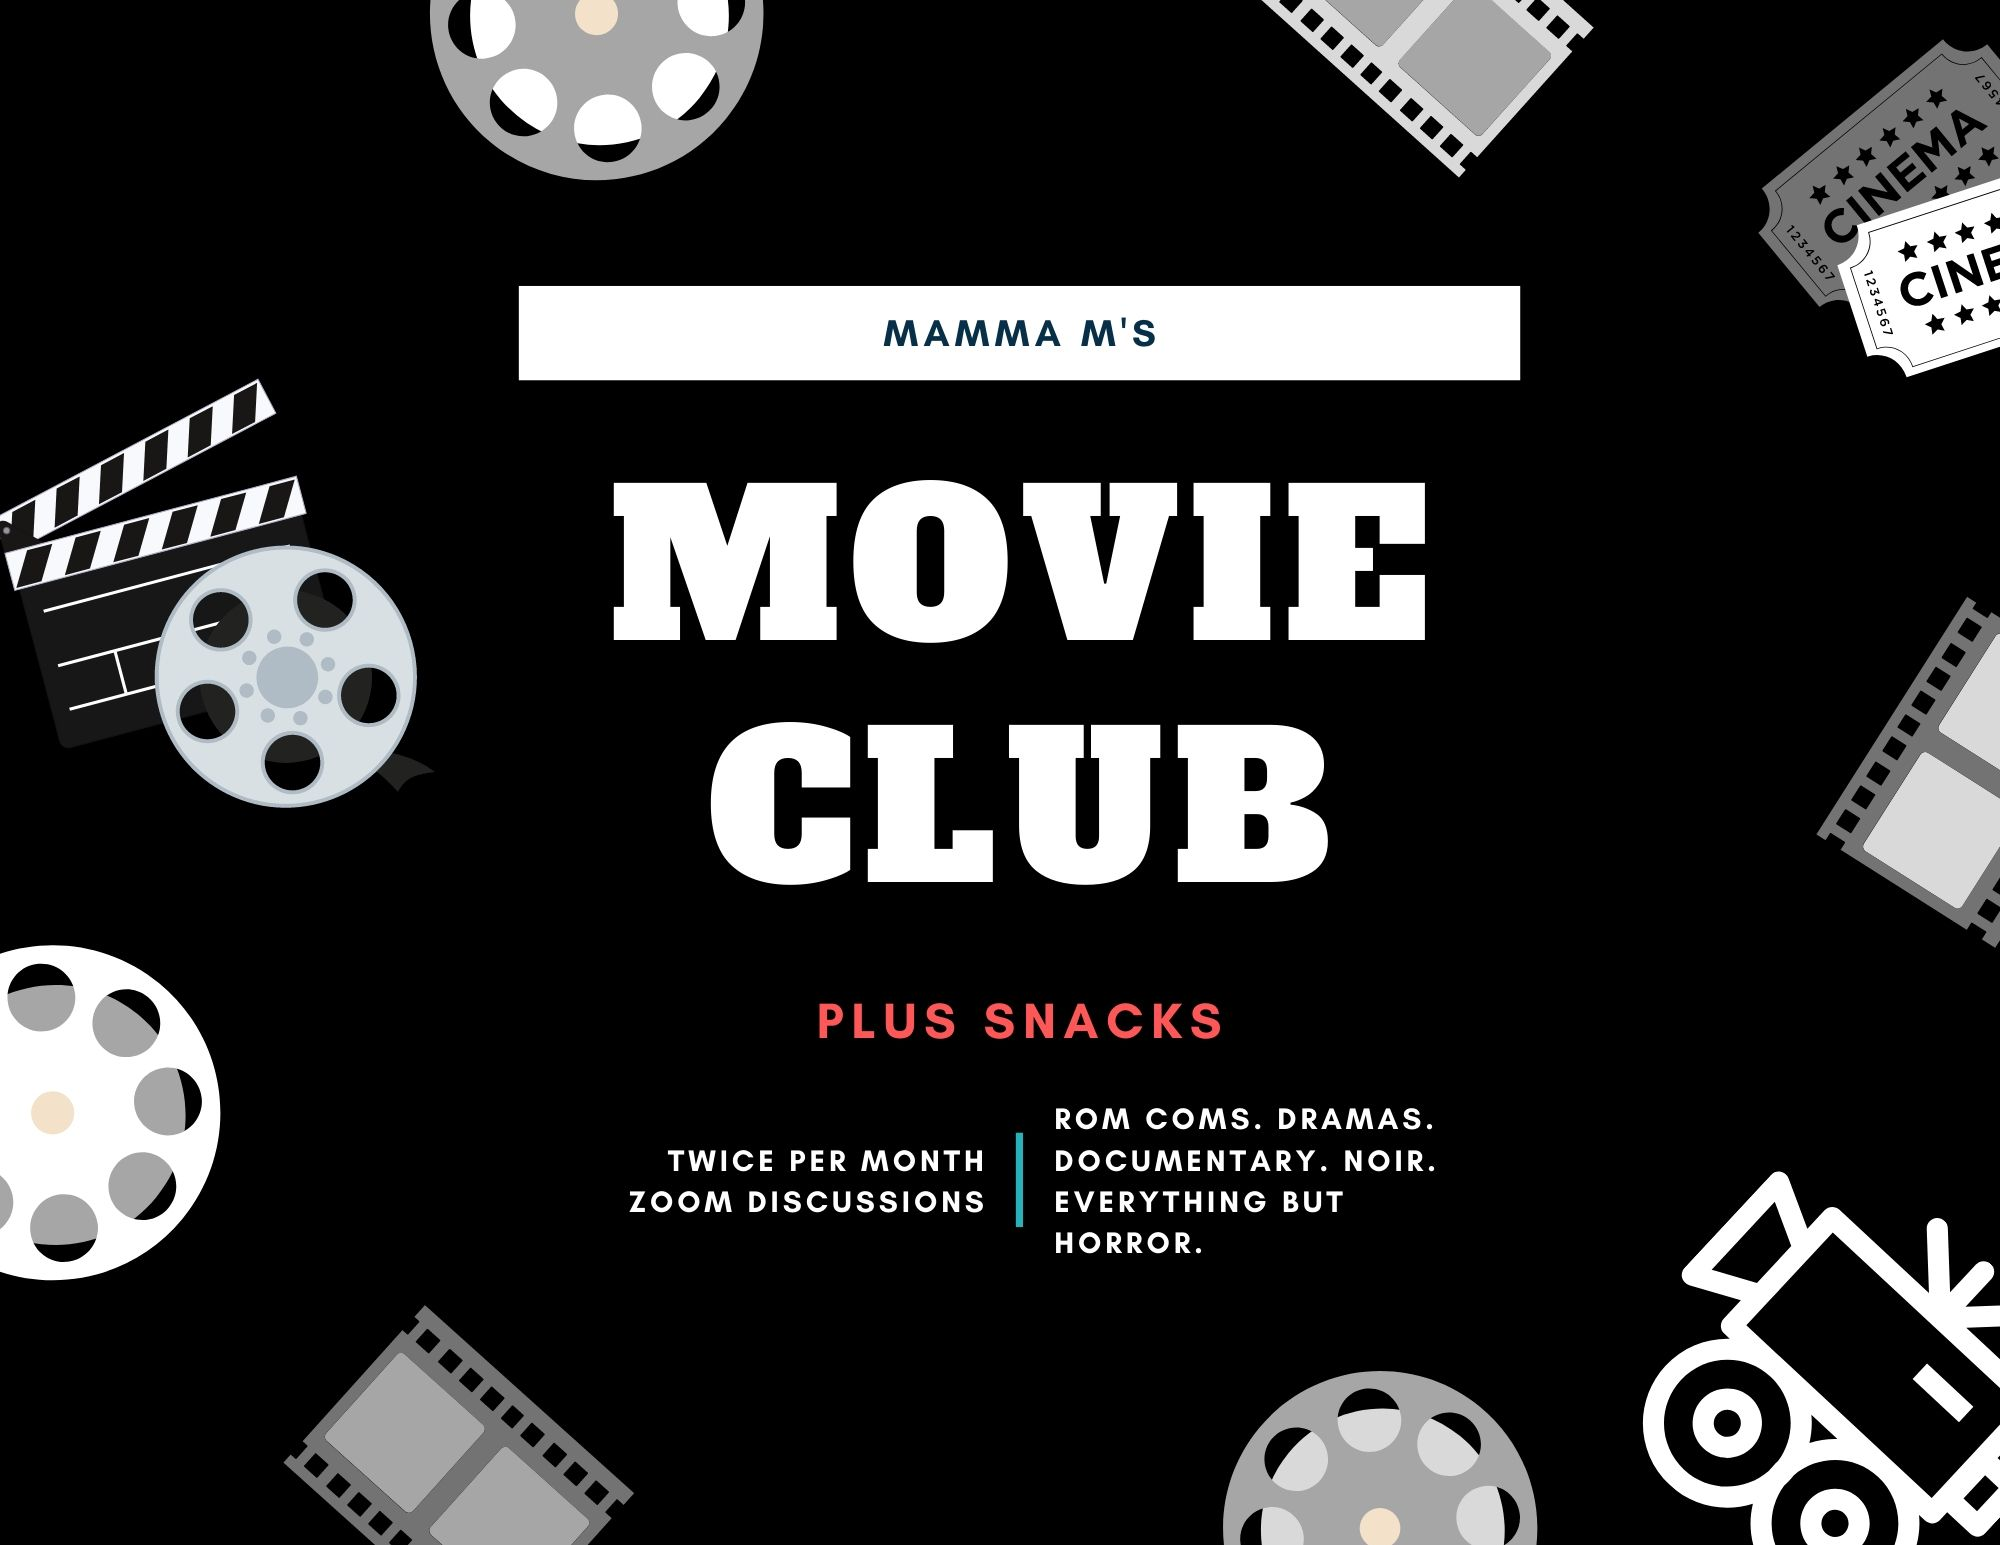 Mamma M's Movie Club